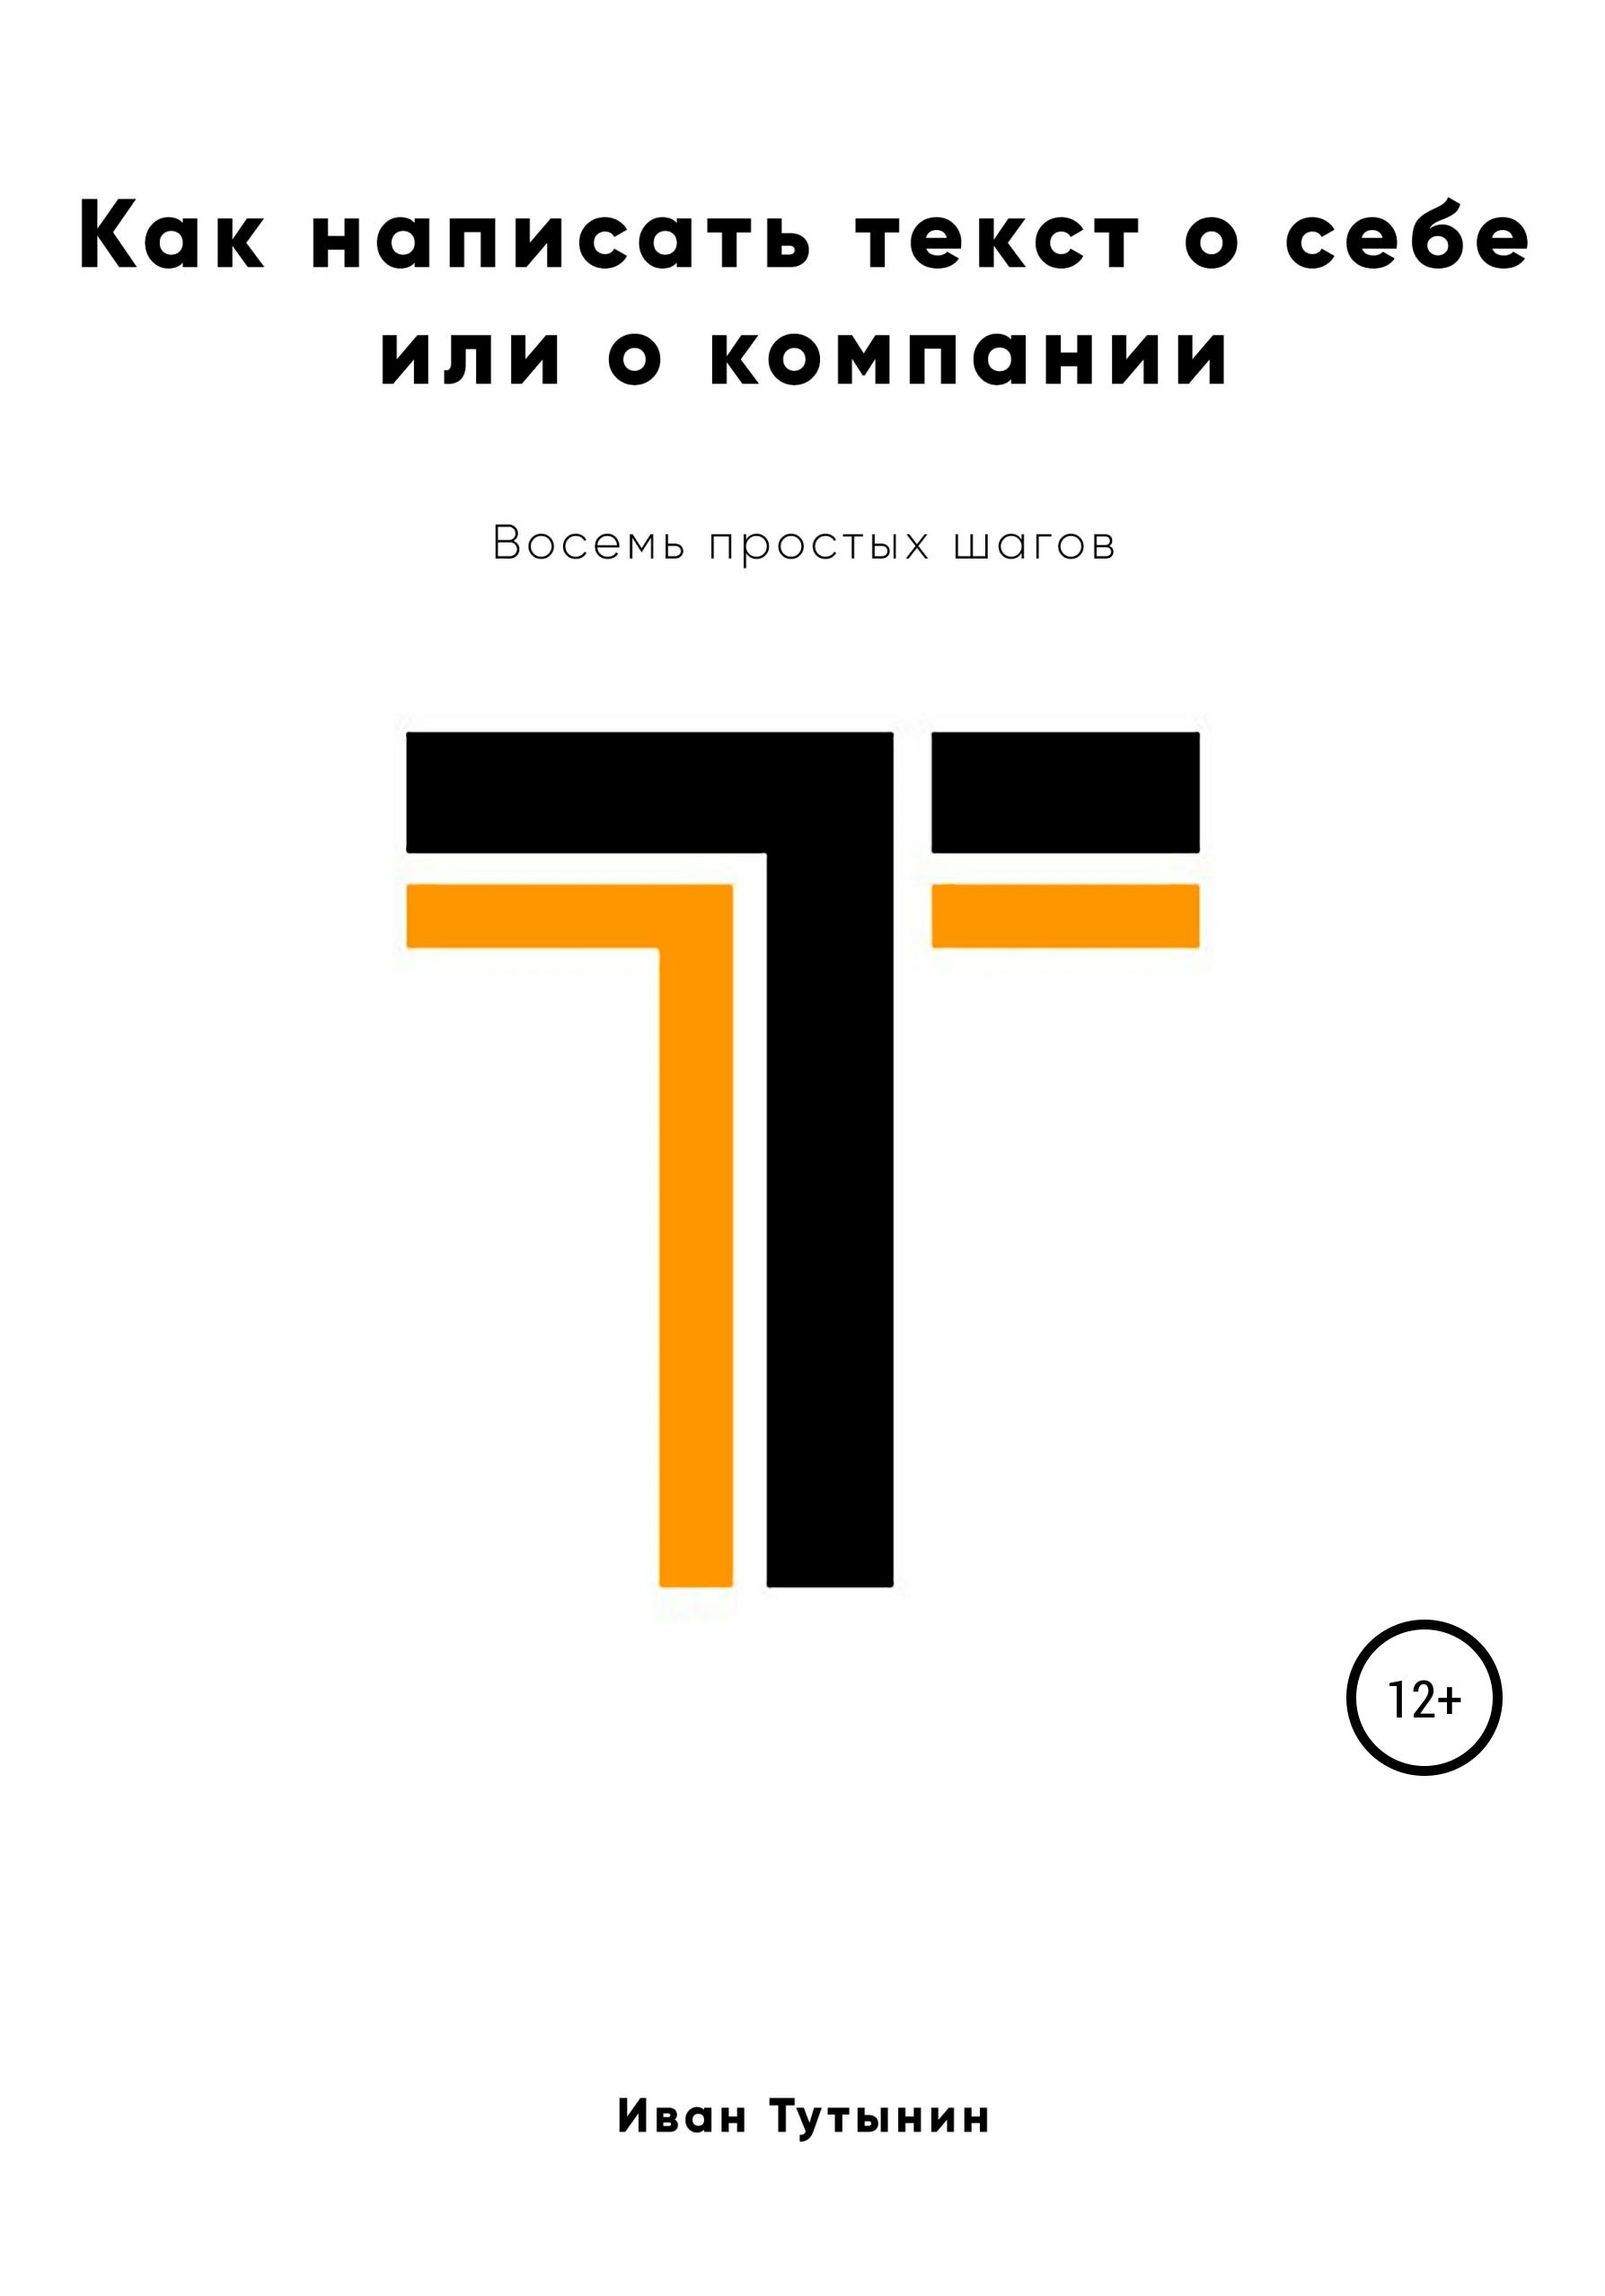 Обложка книги. Автор - Иван Тутынин